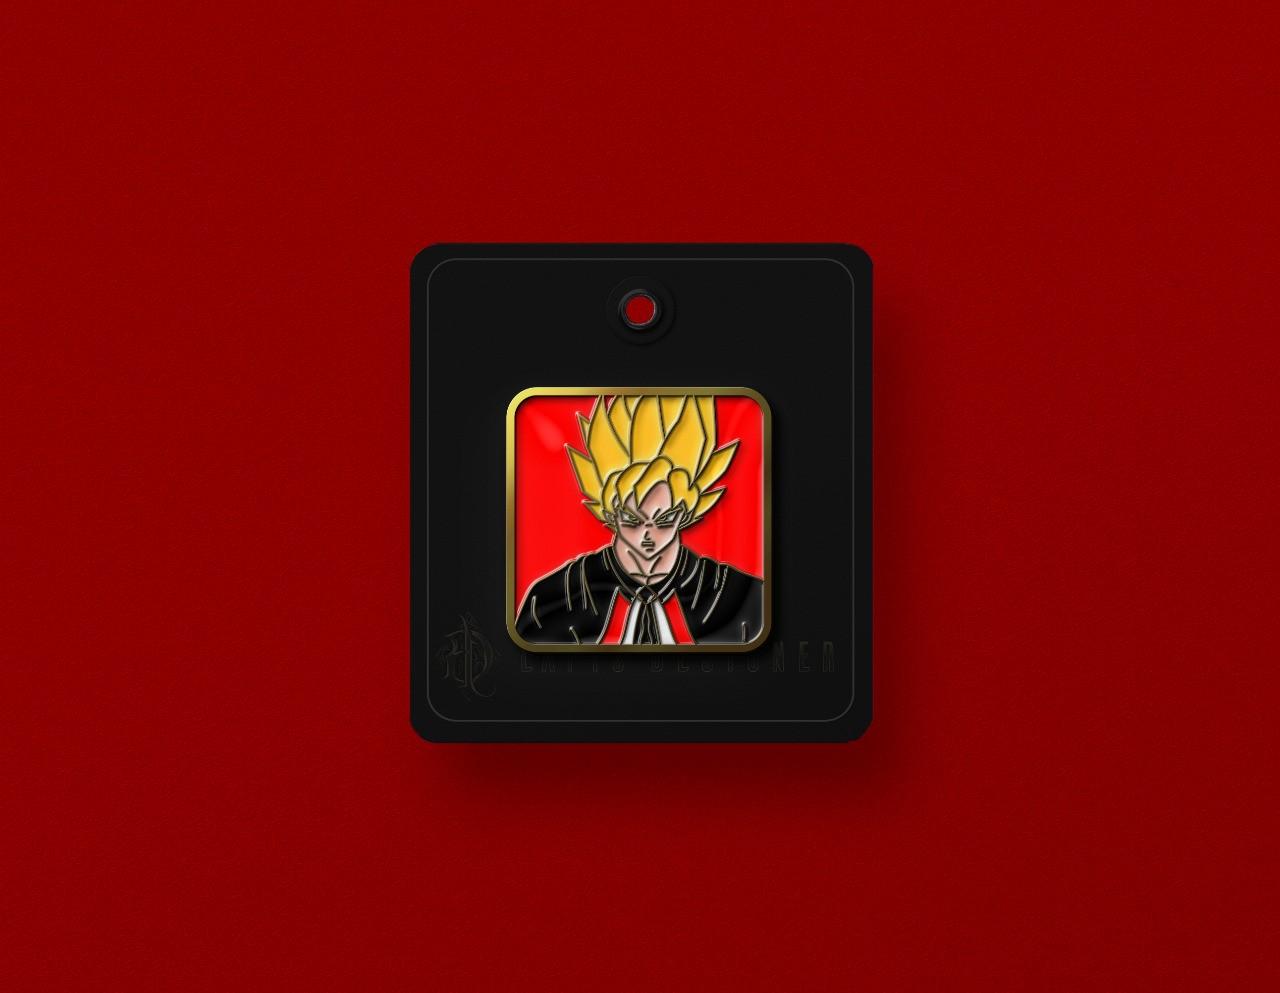 Pré venda Goku grau DM - Envio 28/02 (apenas 50 unidades)